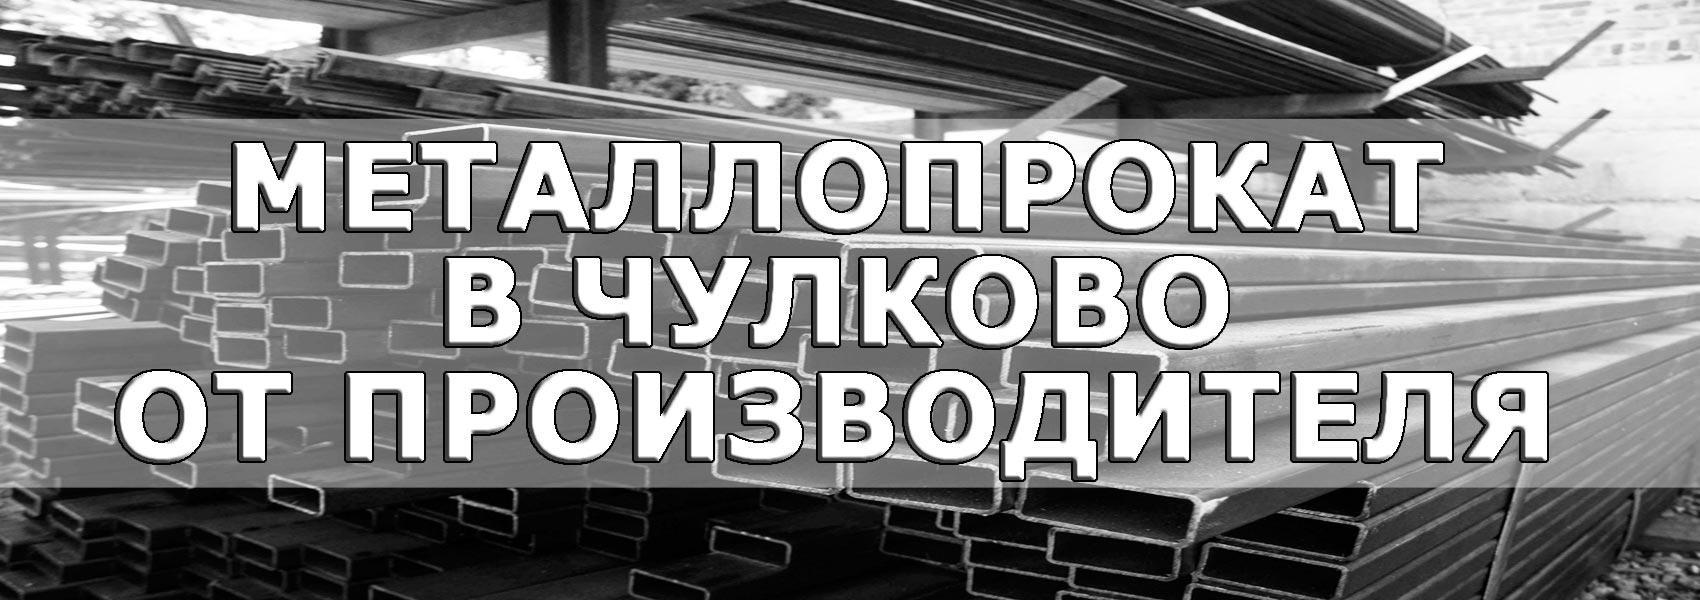 Металлобаза Чулково